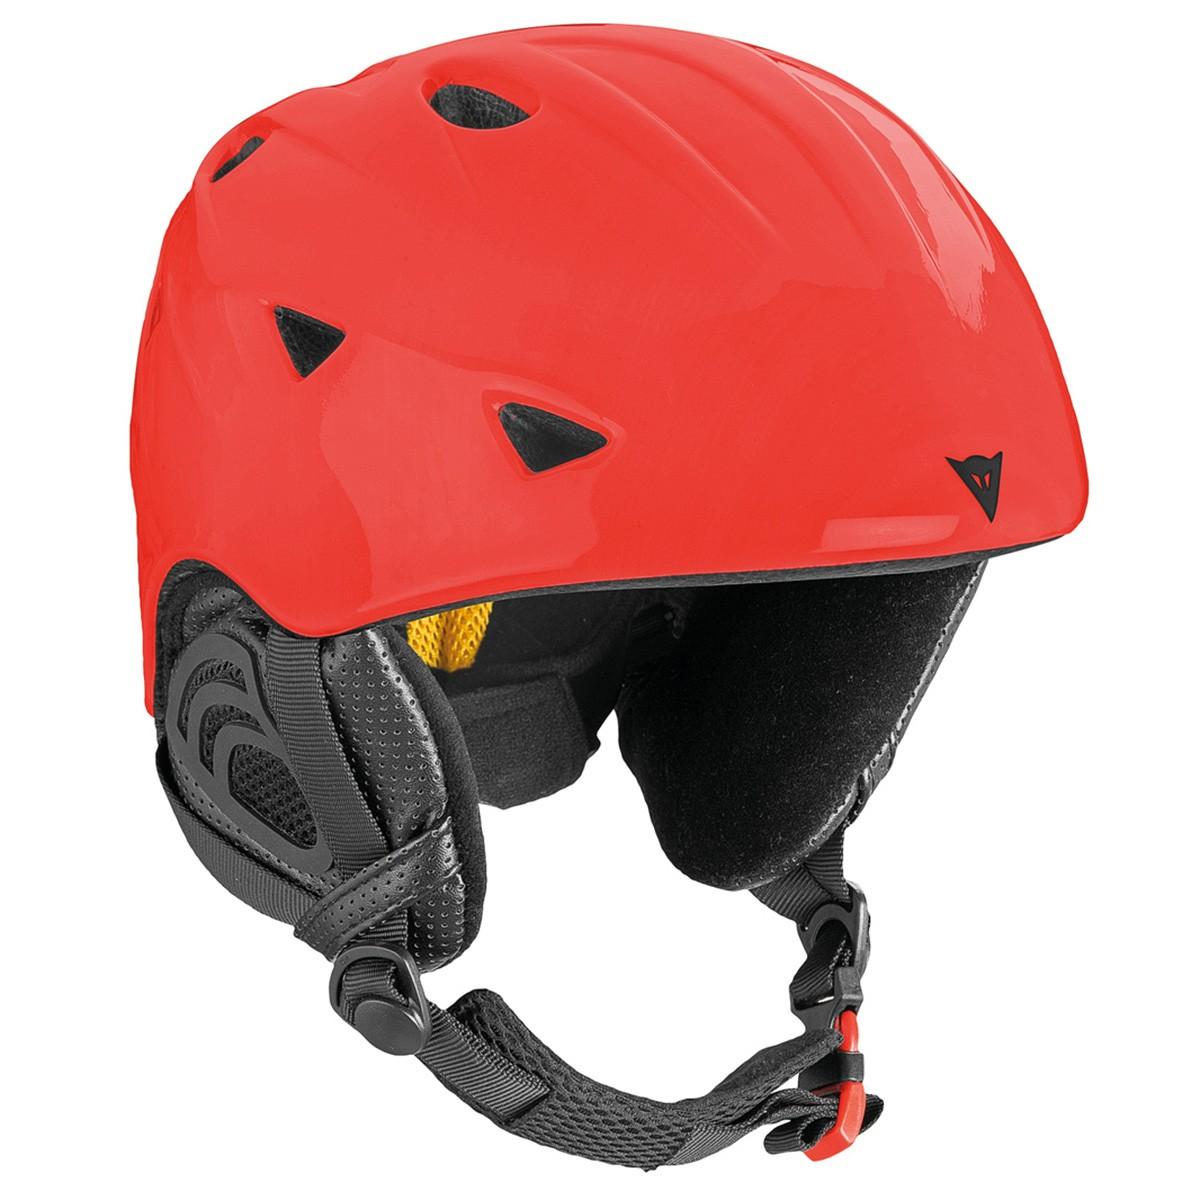 Casco sci Dainese D-Ride (Colore: rosso, Taglia: 2XS)